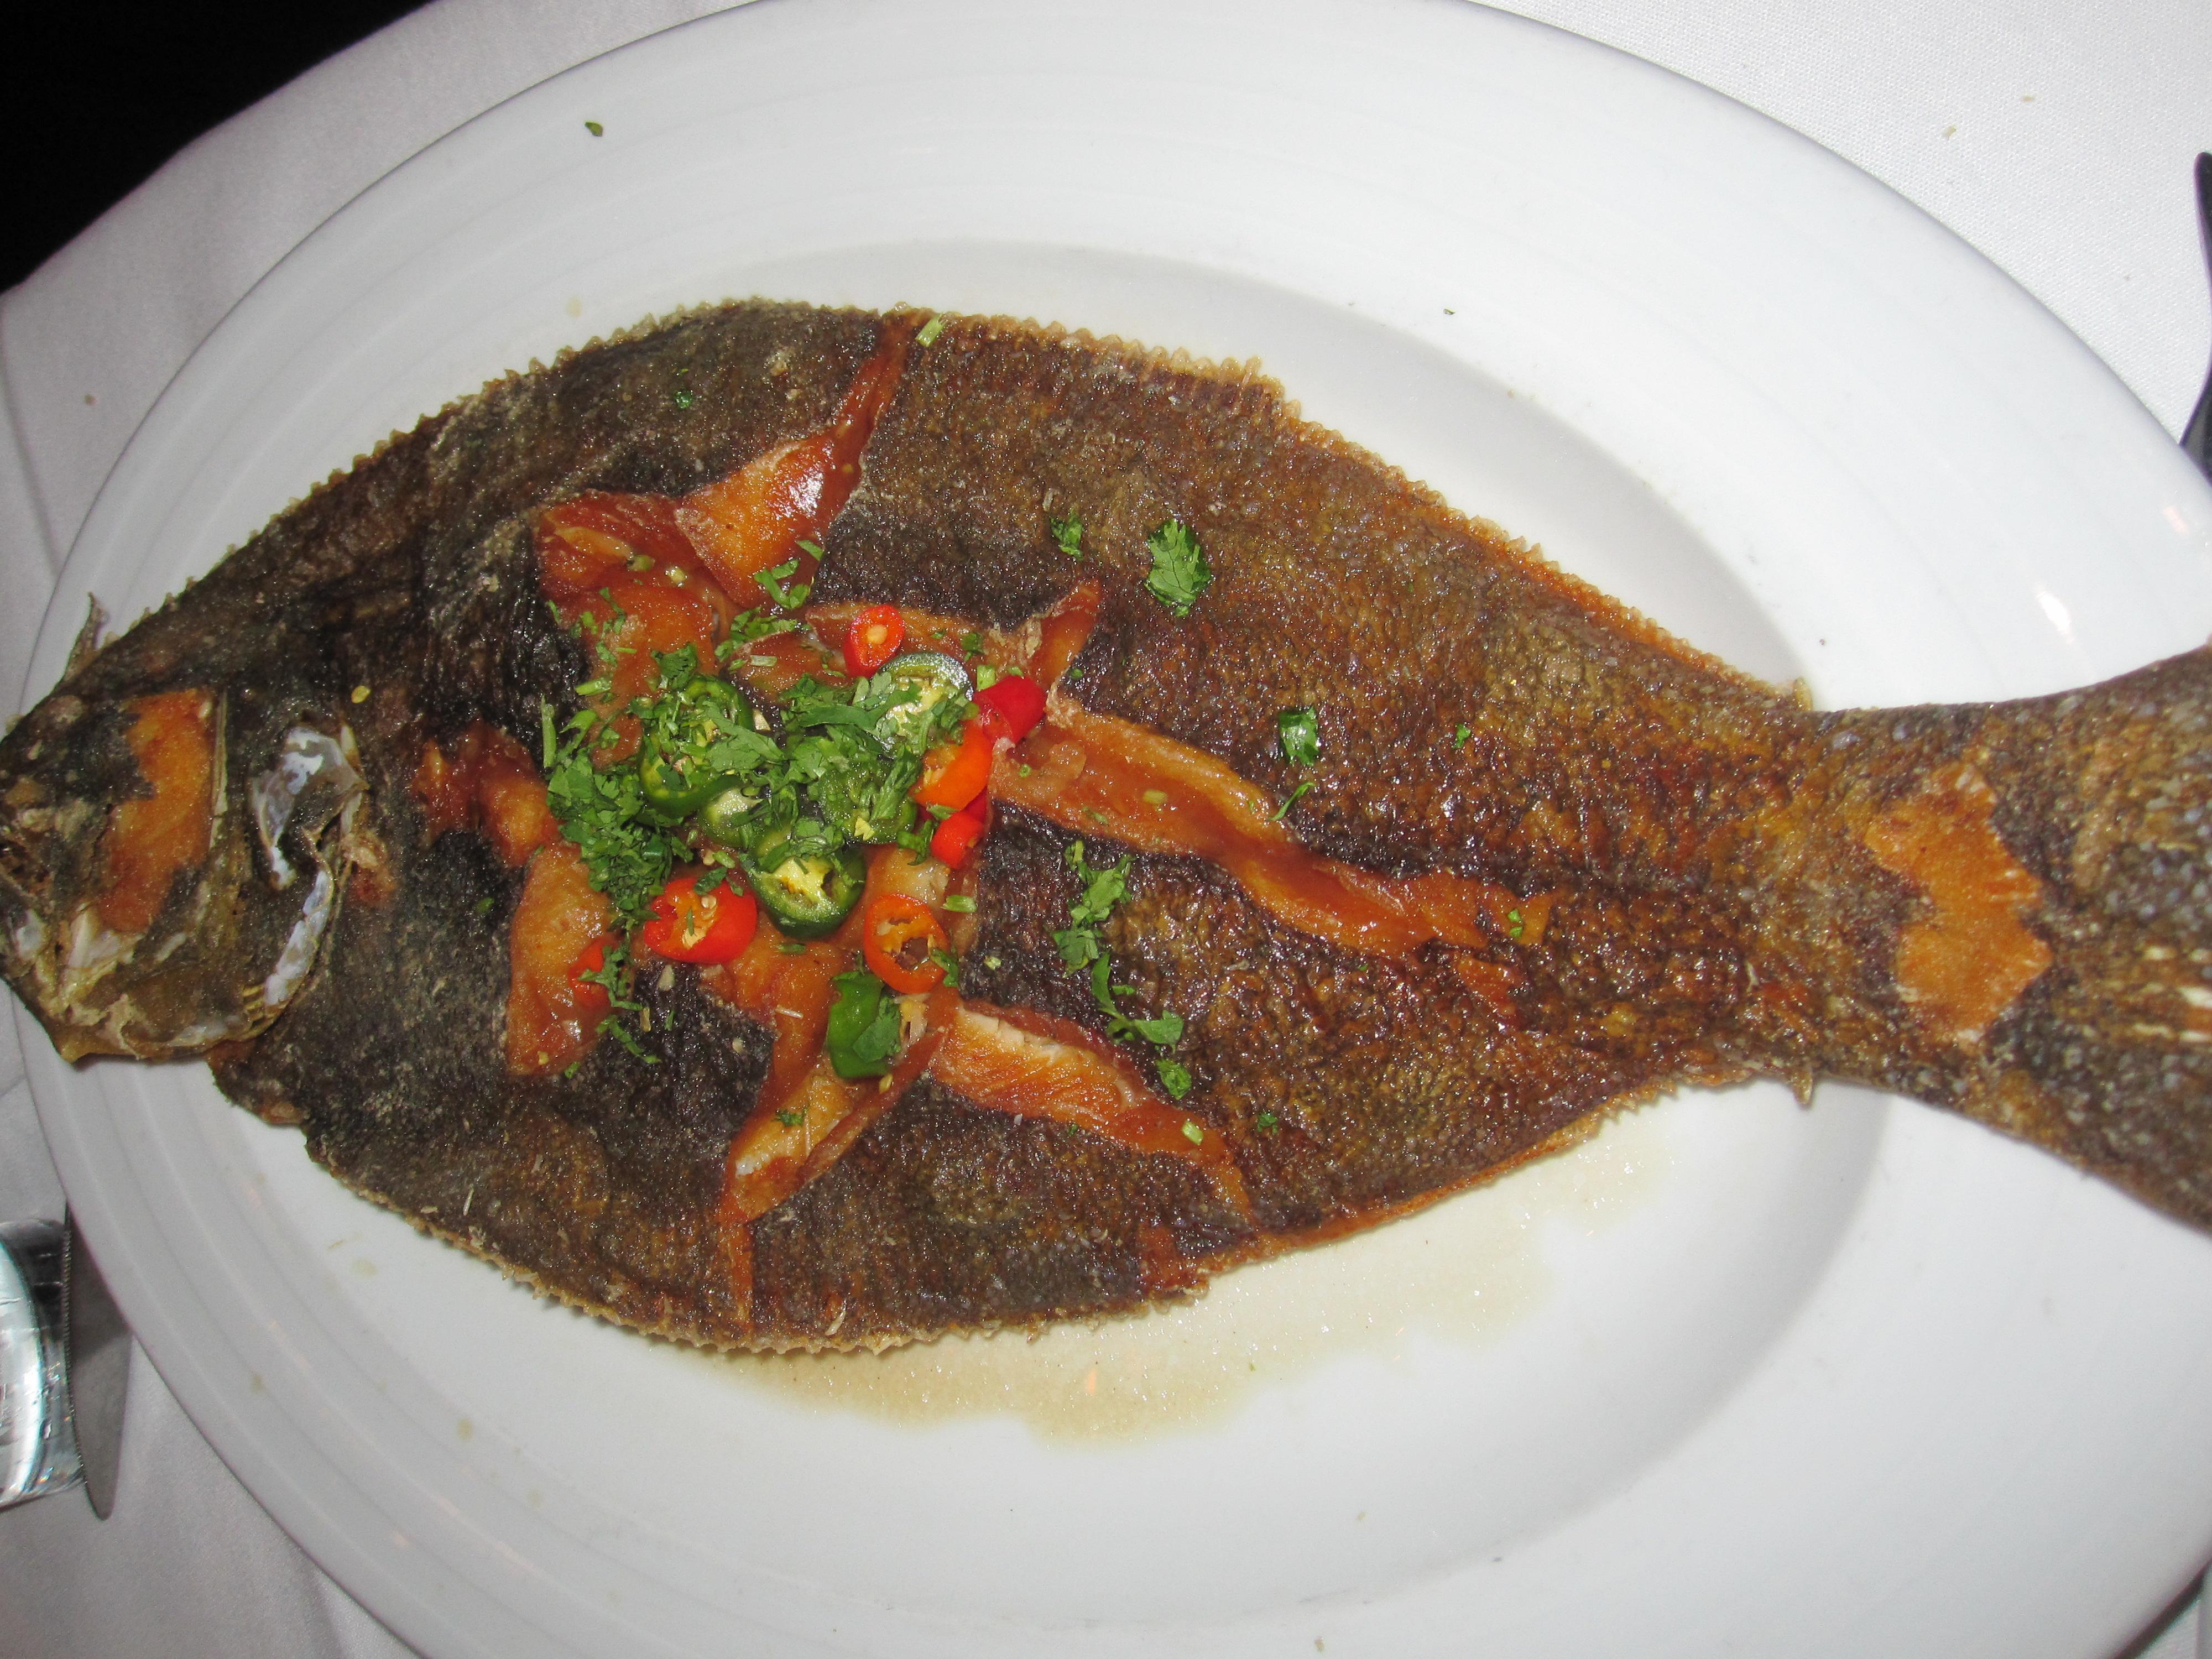 Reston va passionfish restaurant florida keys girl for Passion fish reston va